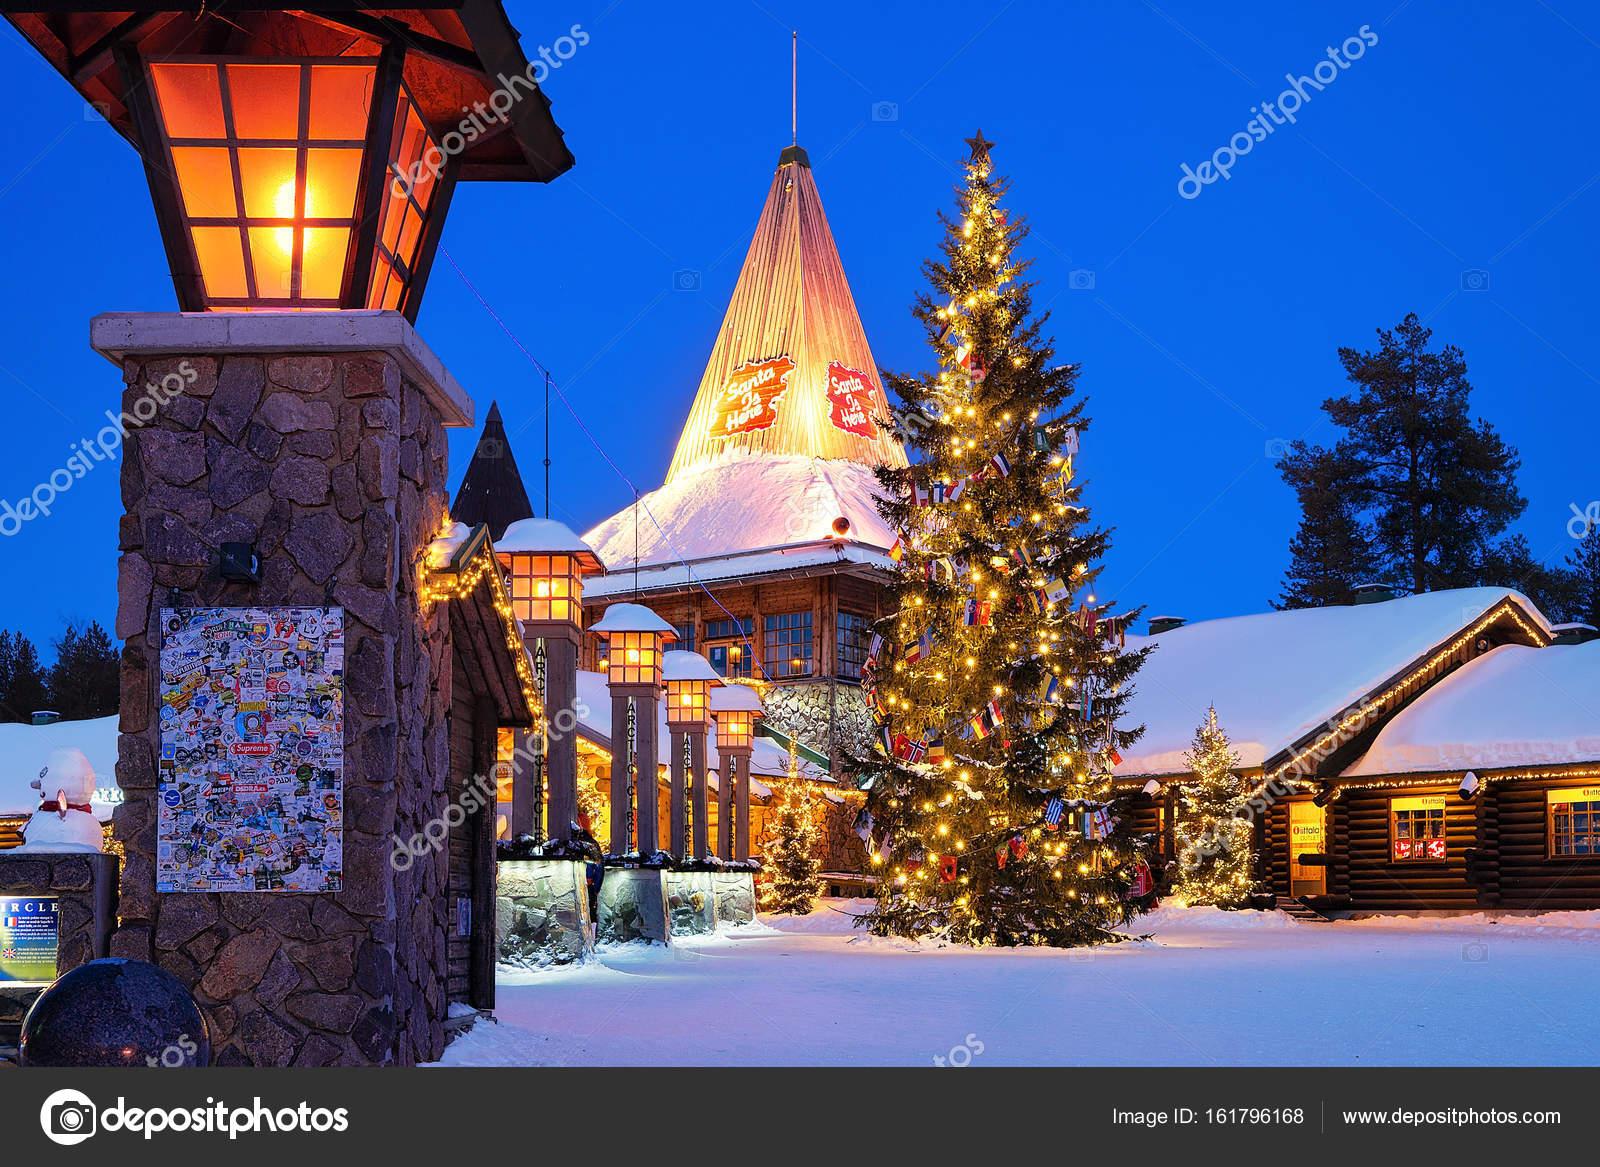 Villaggio Di Babbo Natale In Lapponia.Villaggio Di Babbo Natale In Lapponia Scandinavia Di Notte